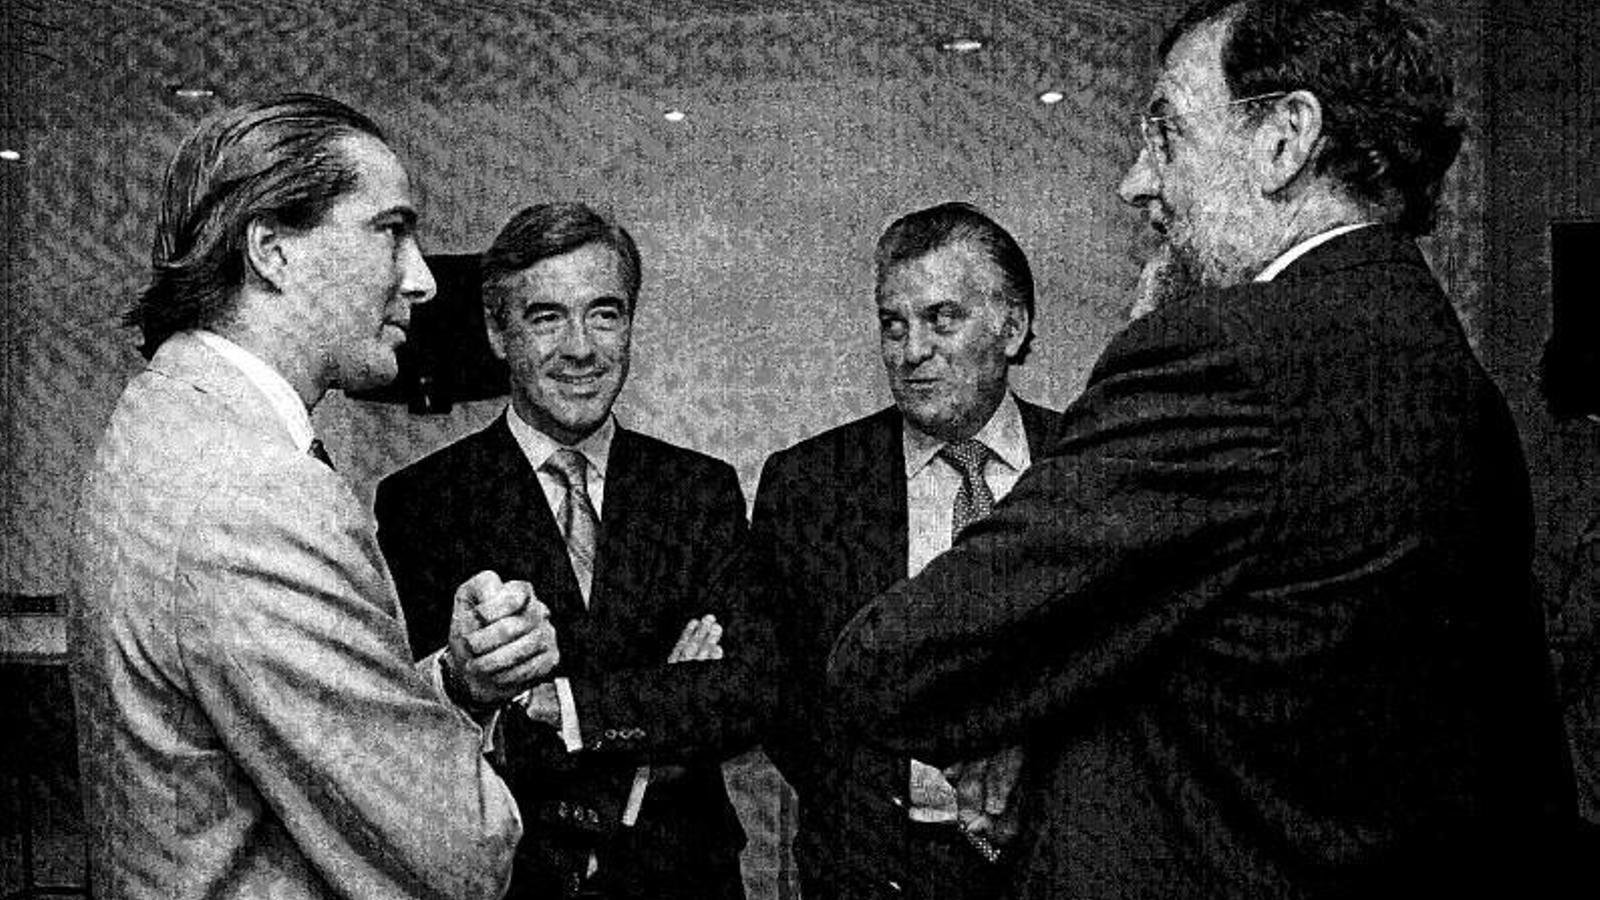 De derecha a izquierda: el presidente español, Mariano Rajoy con el extesorero del PP Luis Bárcenas, el exsecretario general del partido Ángel Acebes y el empresario Gonzalo Urquijo / ARA